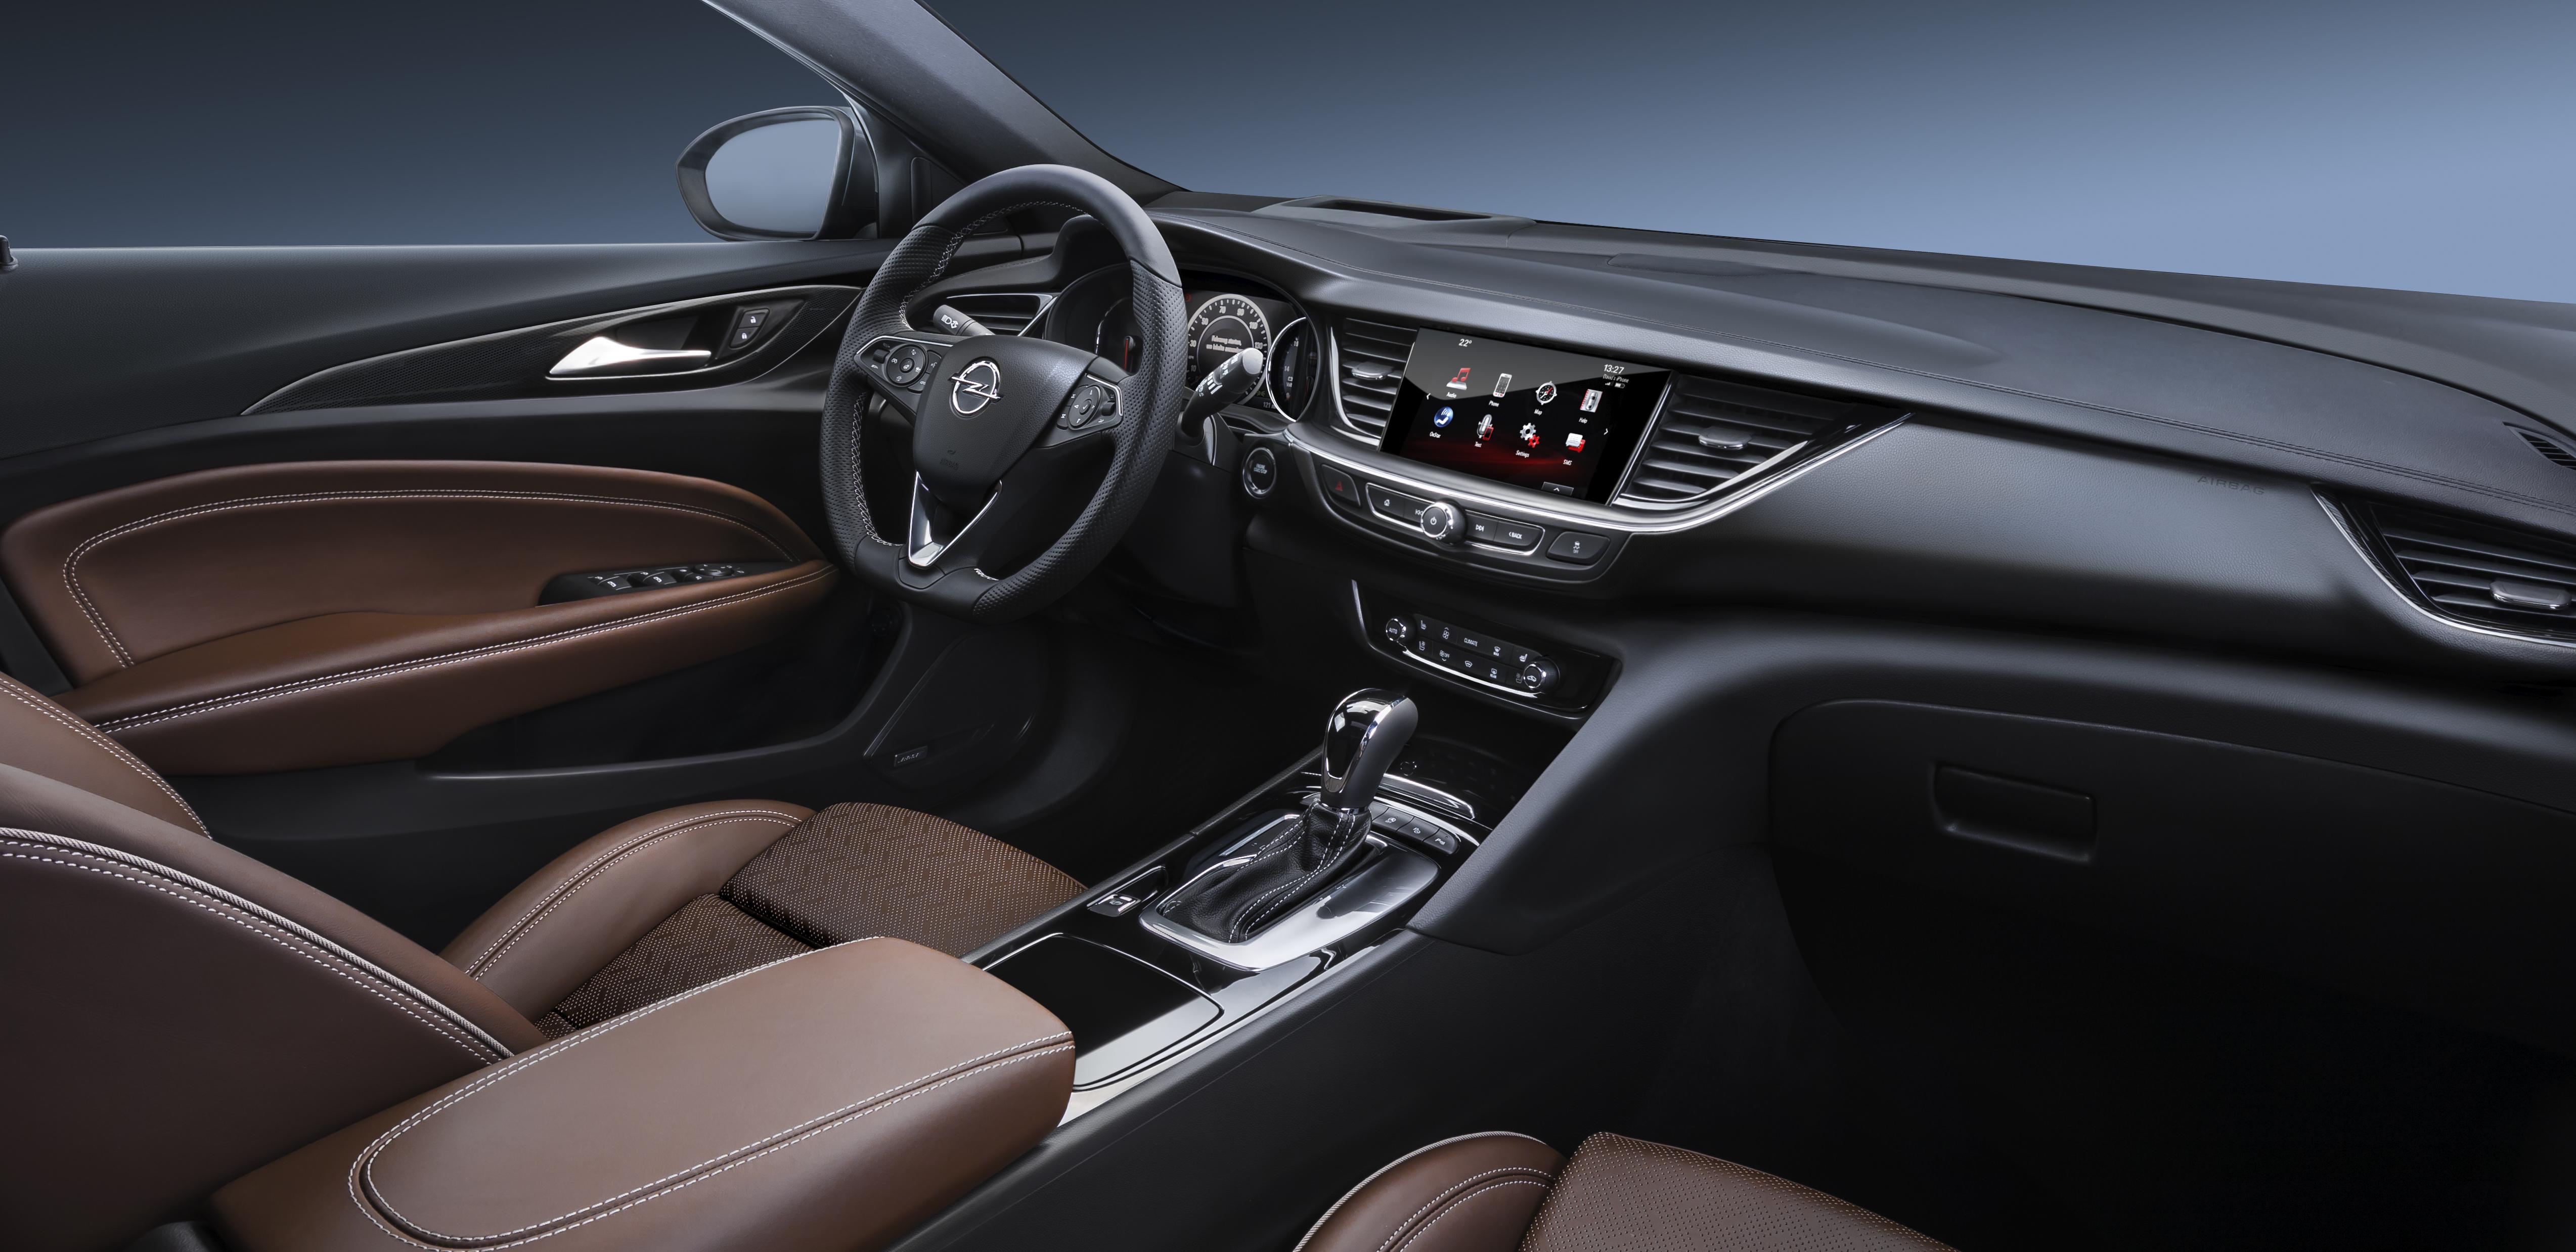 Opel-Insignia-Grand-Sport-304395